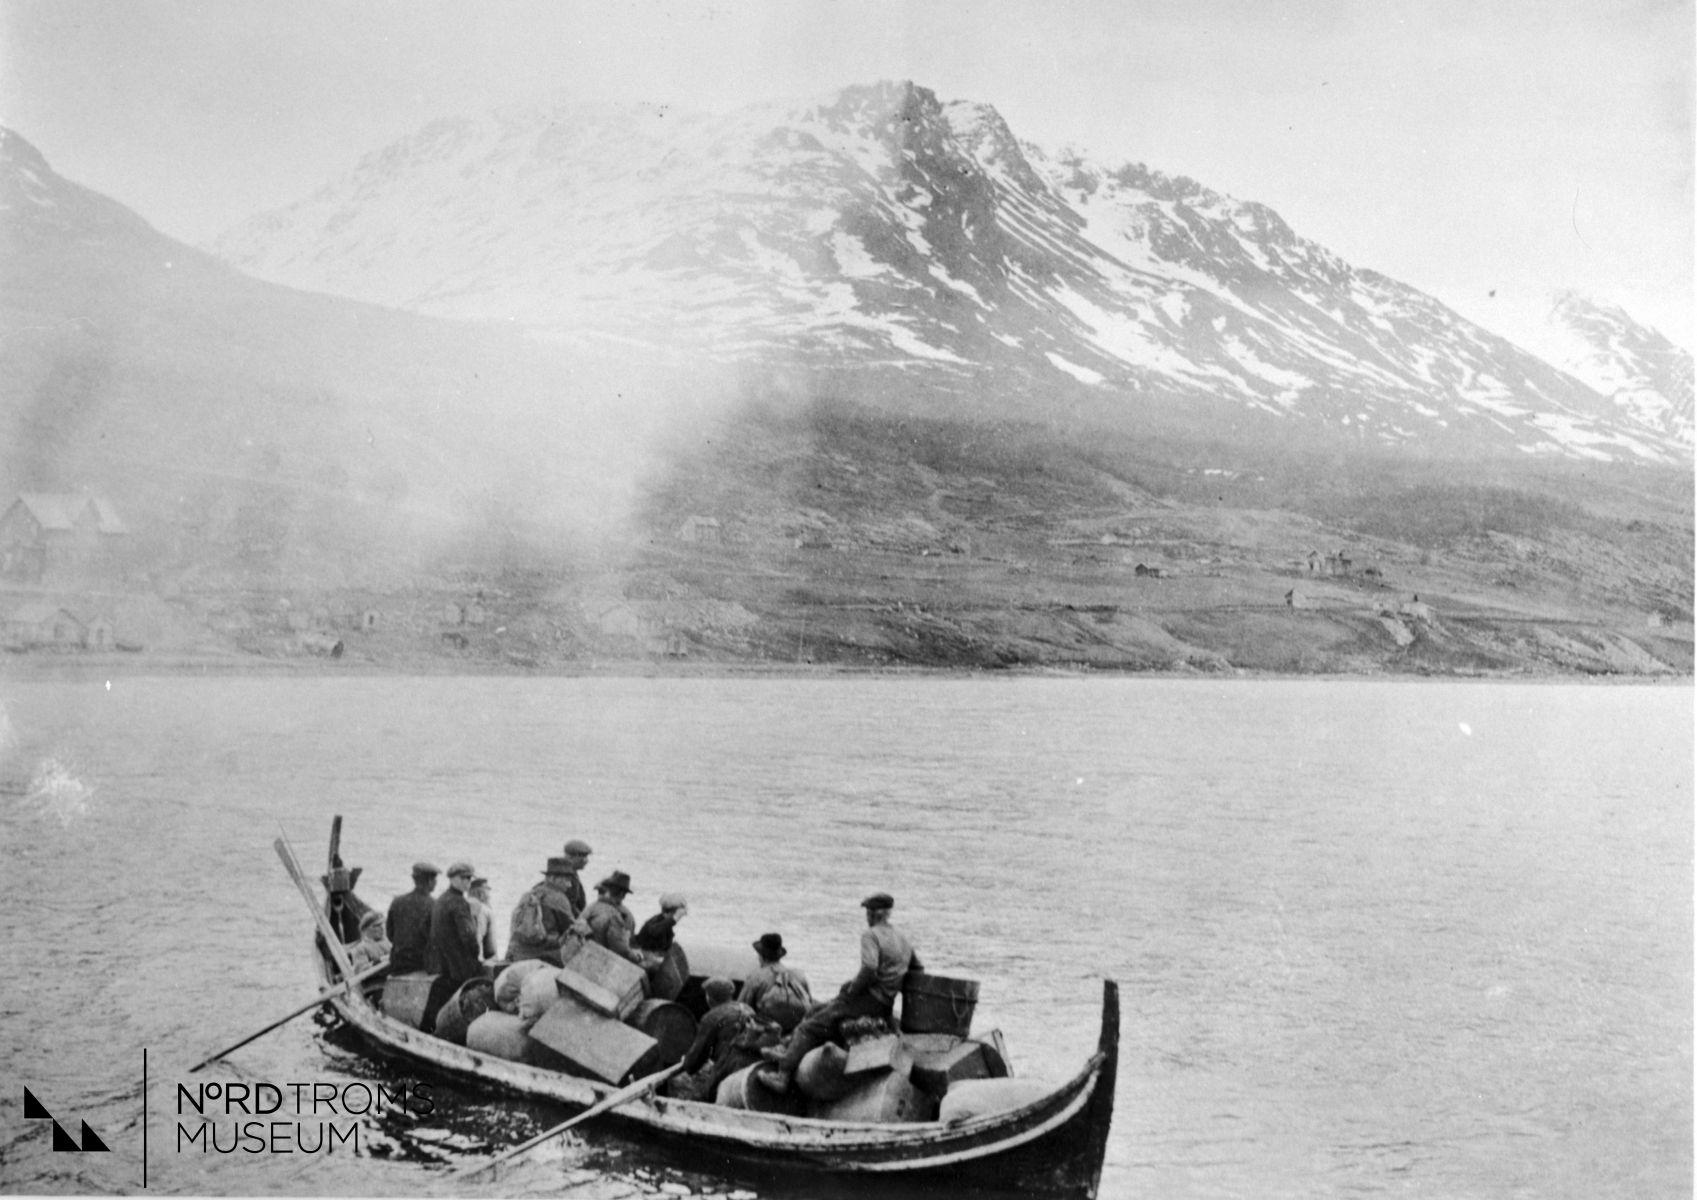 Fiskere fra tur på vei hjem Birtavarre Kåfjord